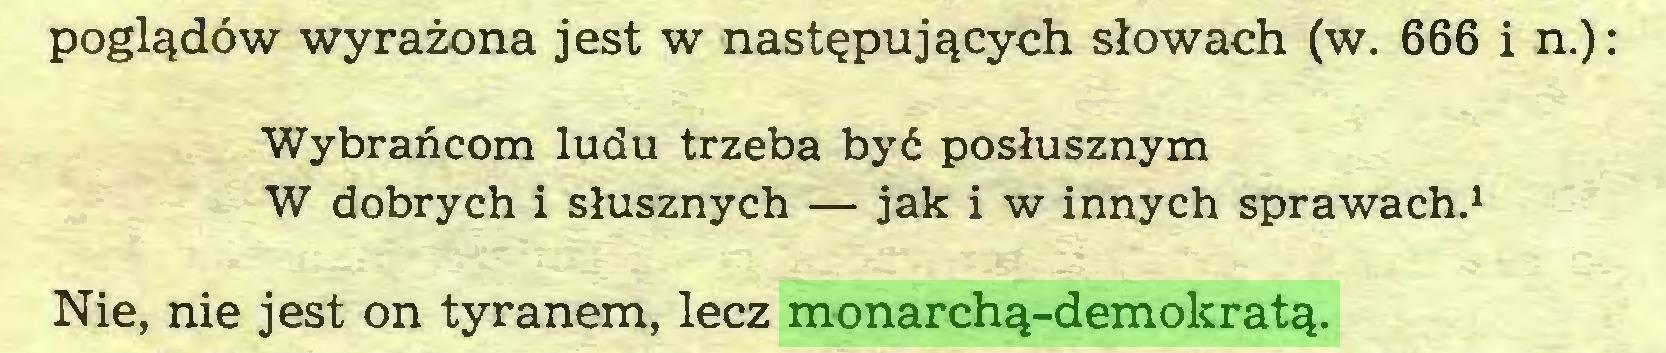 (...) poglądów wyrażona jest w następujących słowach (w. 666 i n.): Wybrańcom ludu trzeba być posłusznym W dobrych i słusznych — jak i w innych sprawach.1 Nie, nie jest on tyranem, lecz monarchą-demokratą...